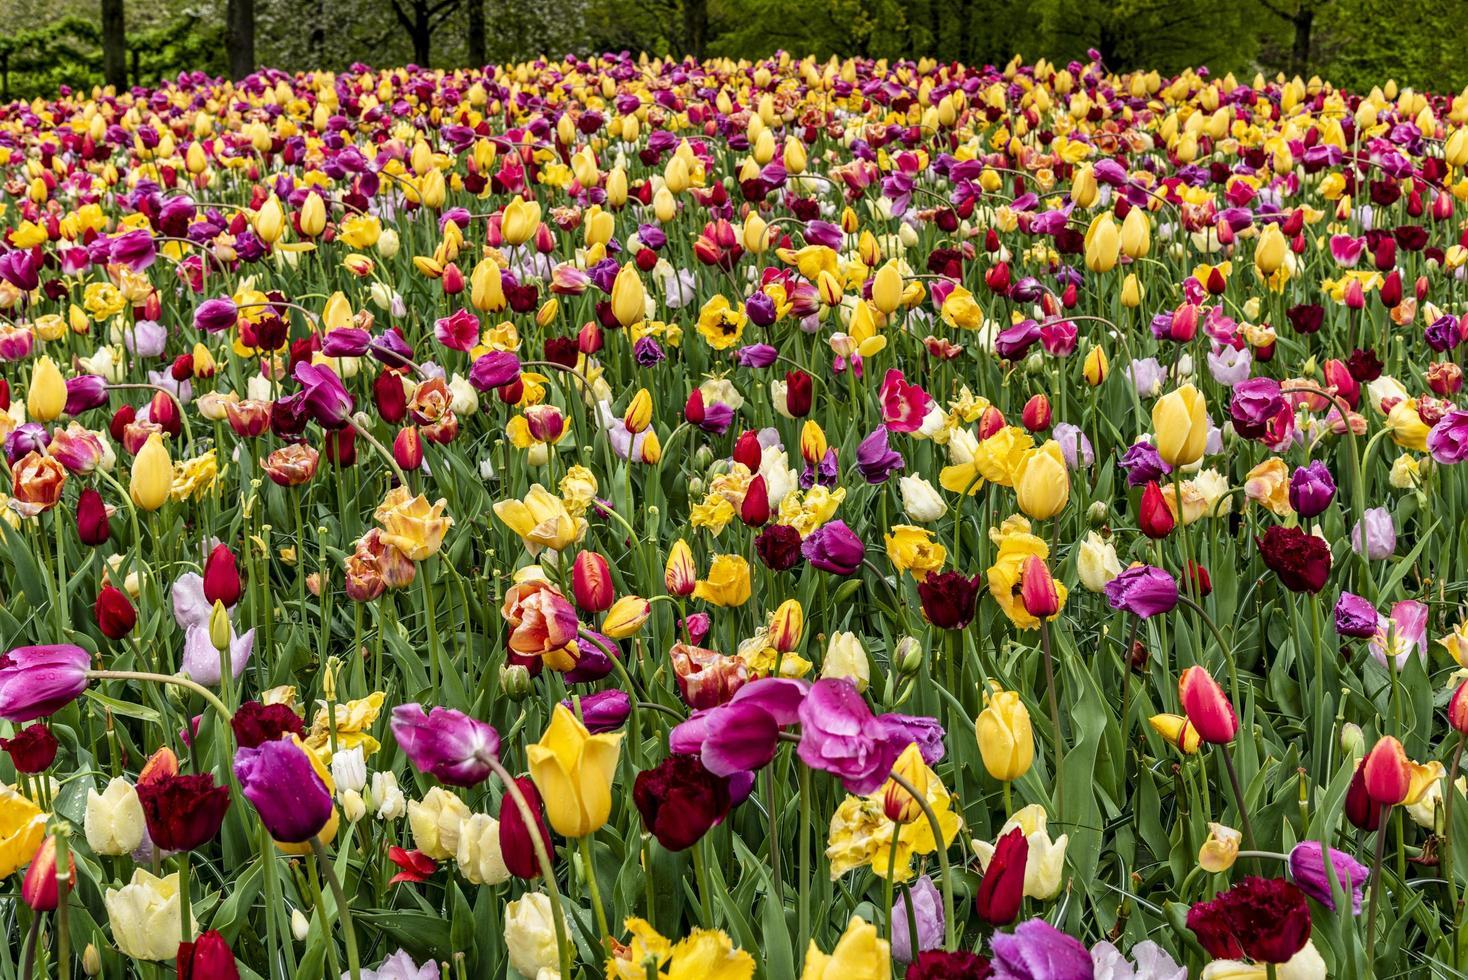 roze en gele tulpen die de grond bedekken foto